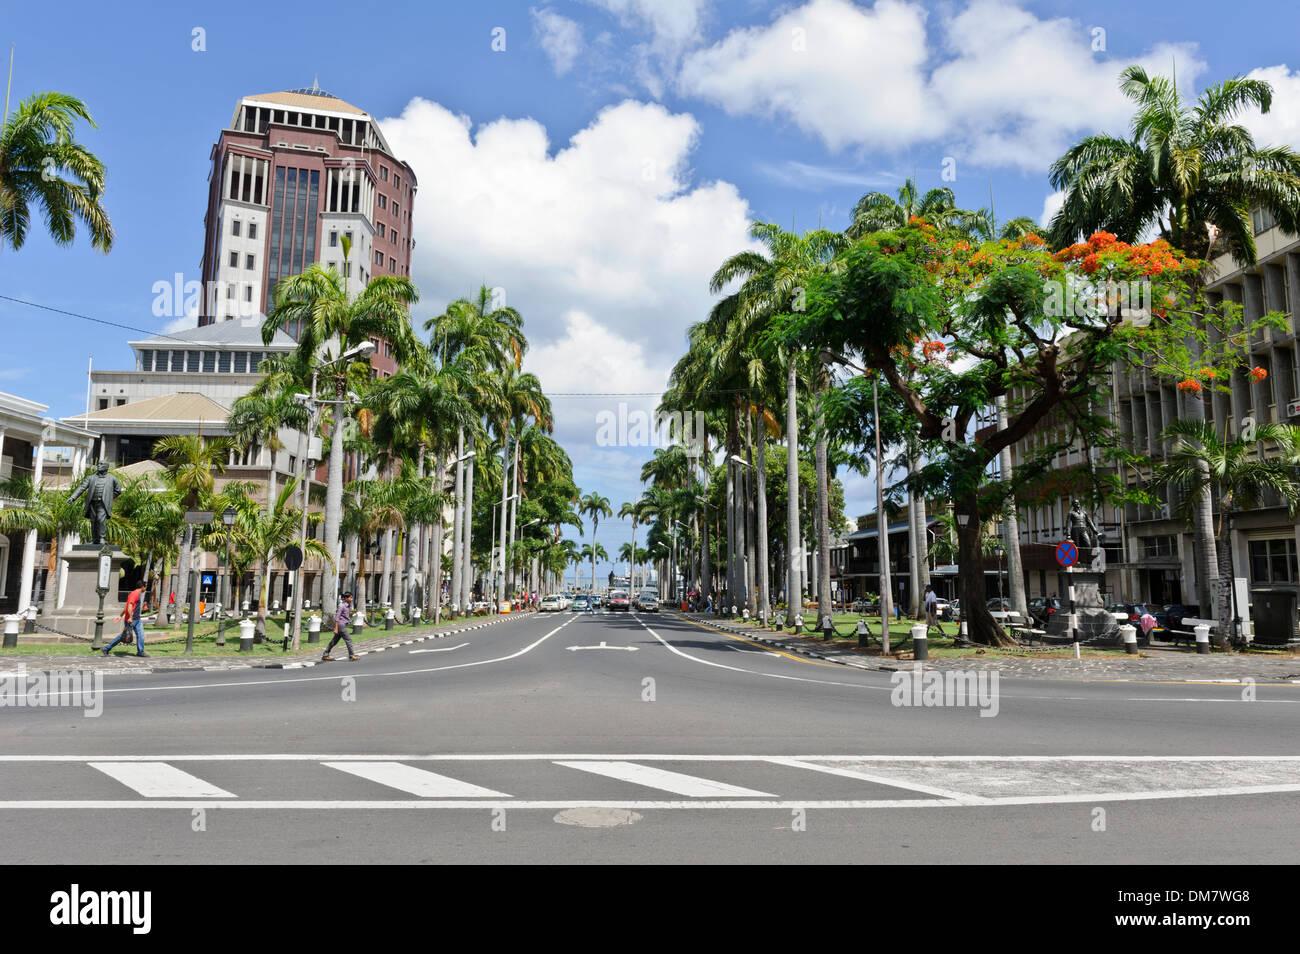 Typische Verkehr auf der Place d'Armes, einer von Port Louis an stark befahrenen Straßen, Port Louis, Mauritius. Stockbild